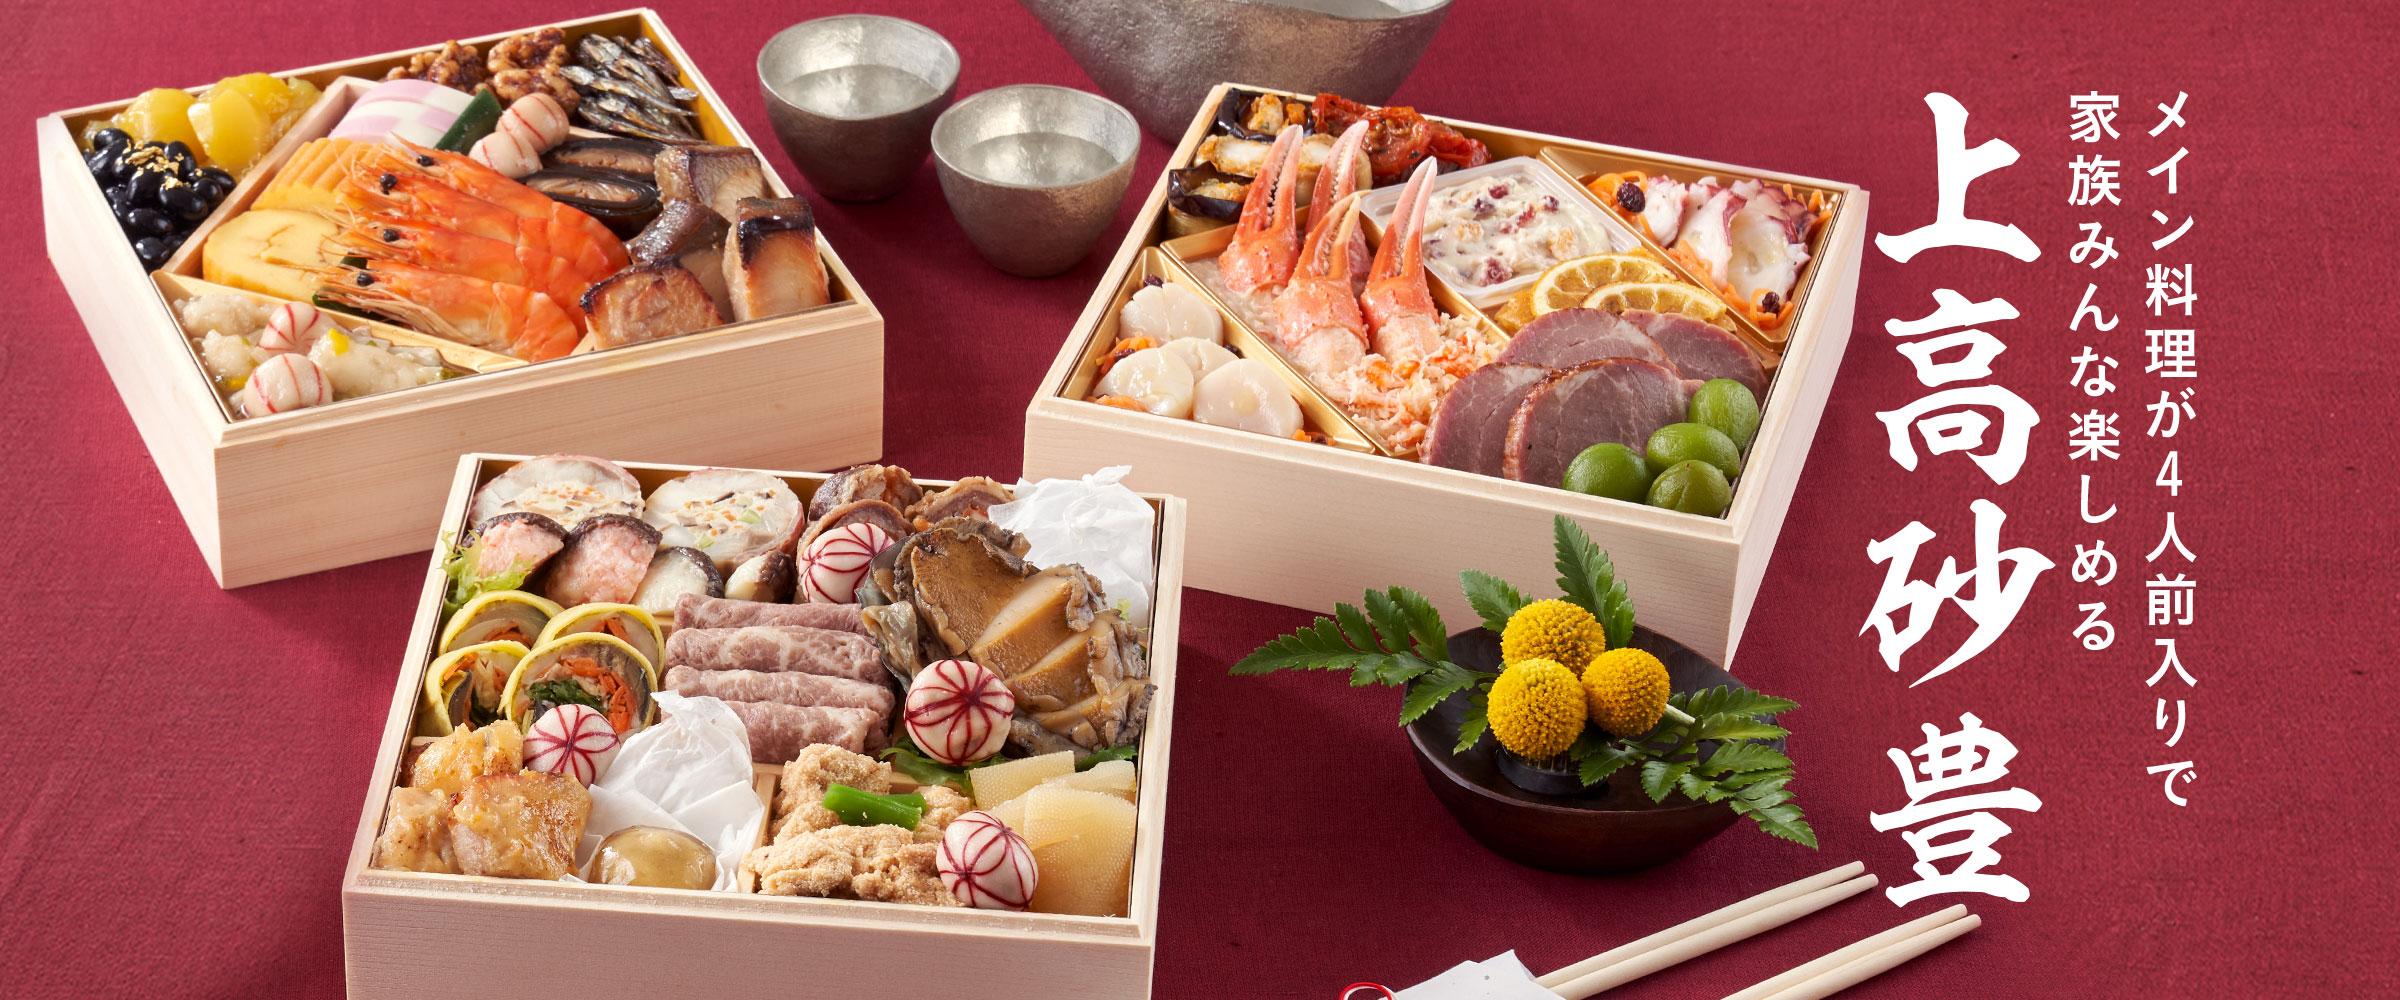 上高砂 豊:メイン料理が4人前入りで家族みんな楽しめる